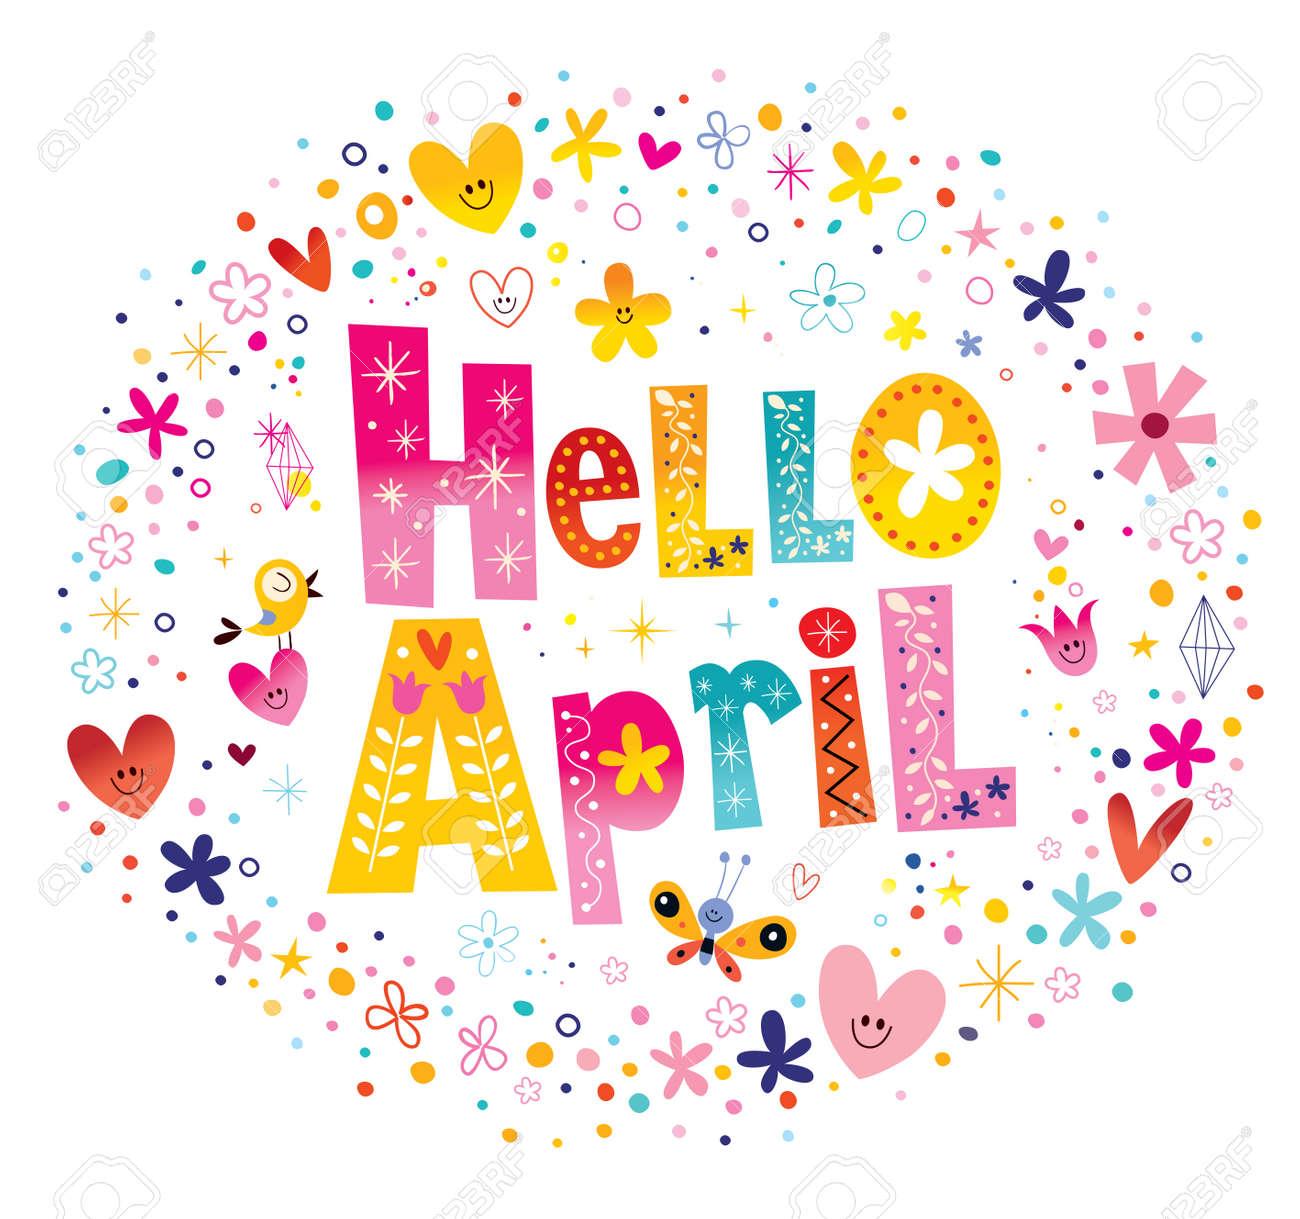 こんにちは4 月の花と心の春デザインのユニークなレタリング